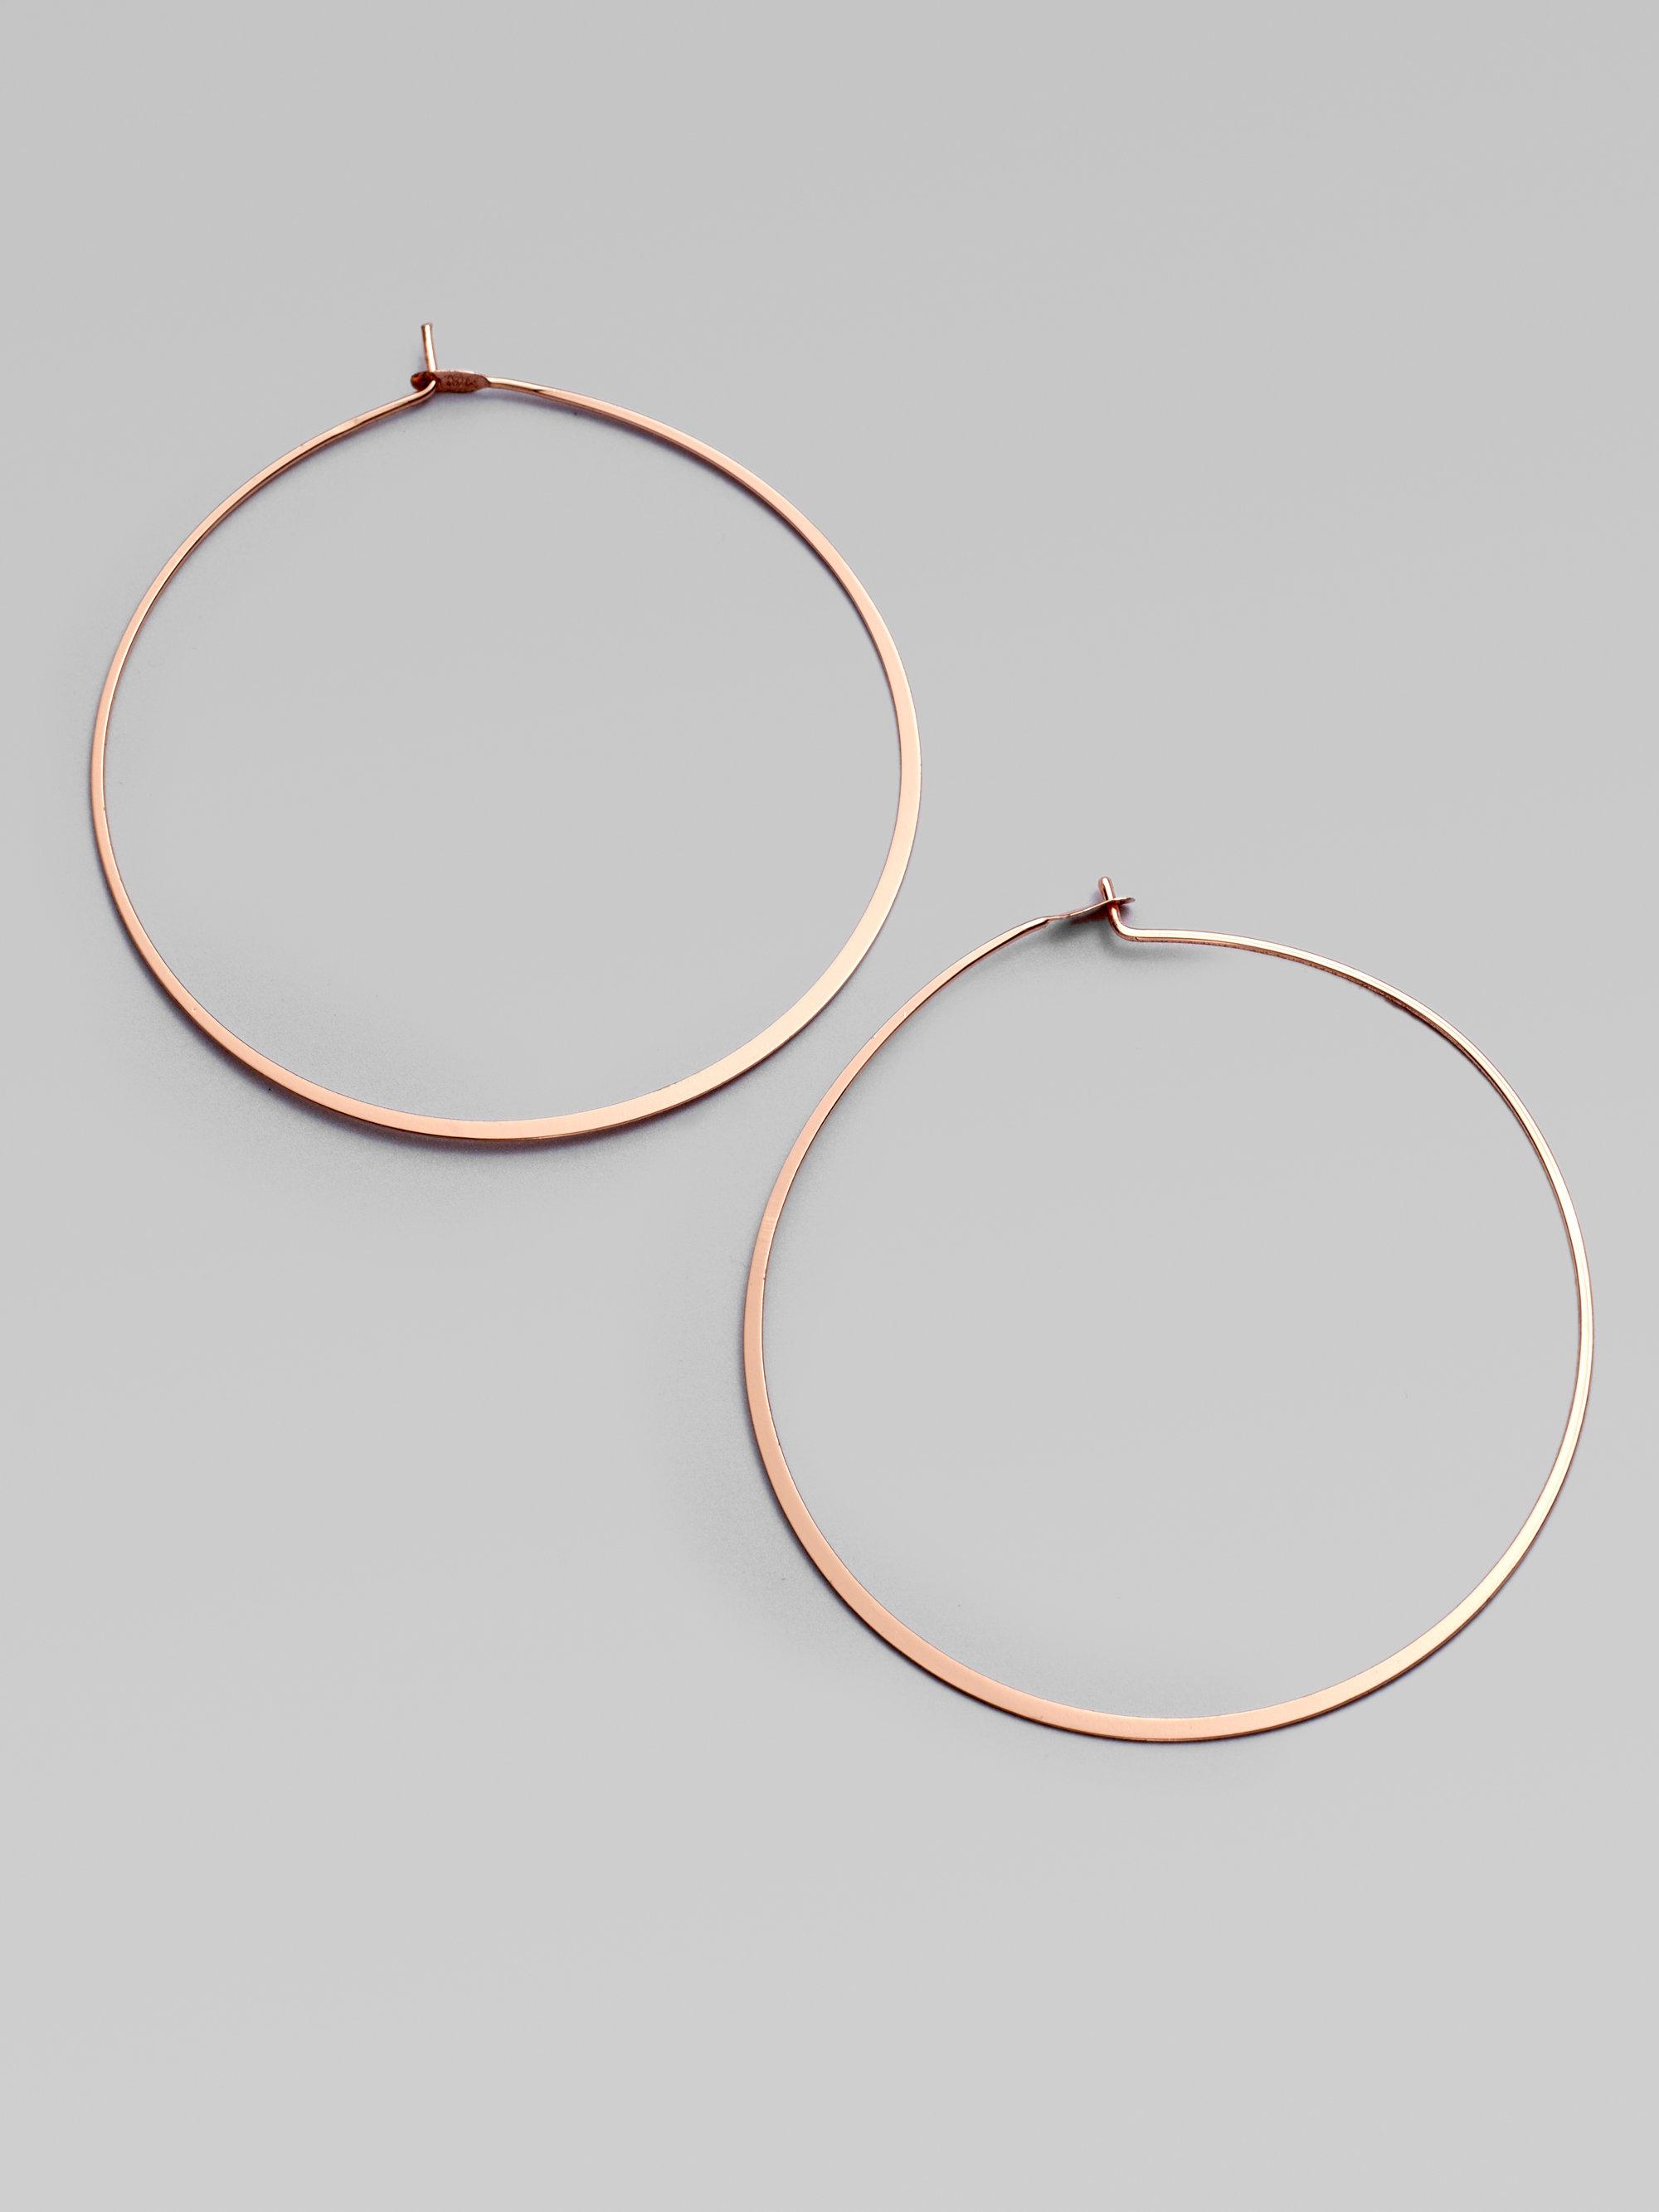 Michael Kors Heritage Thin Whisper Rose Goldtone Hoop Earrings